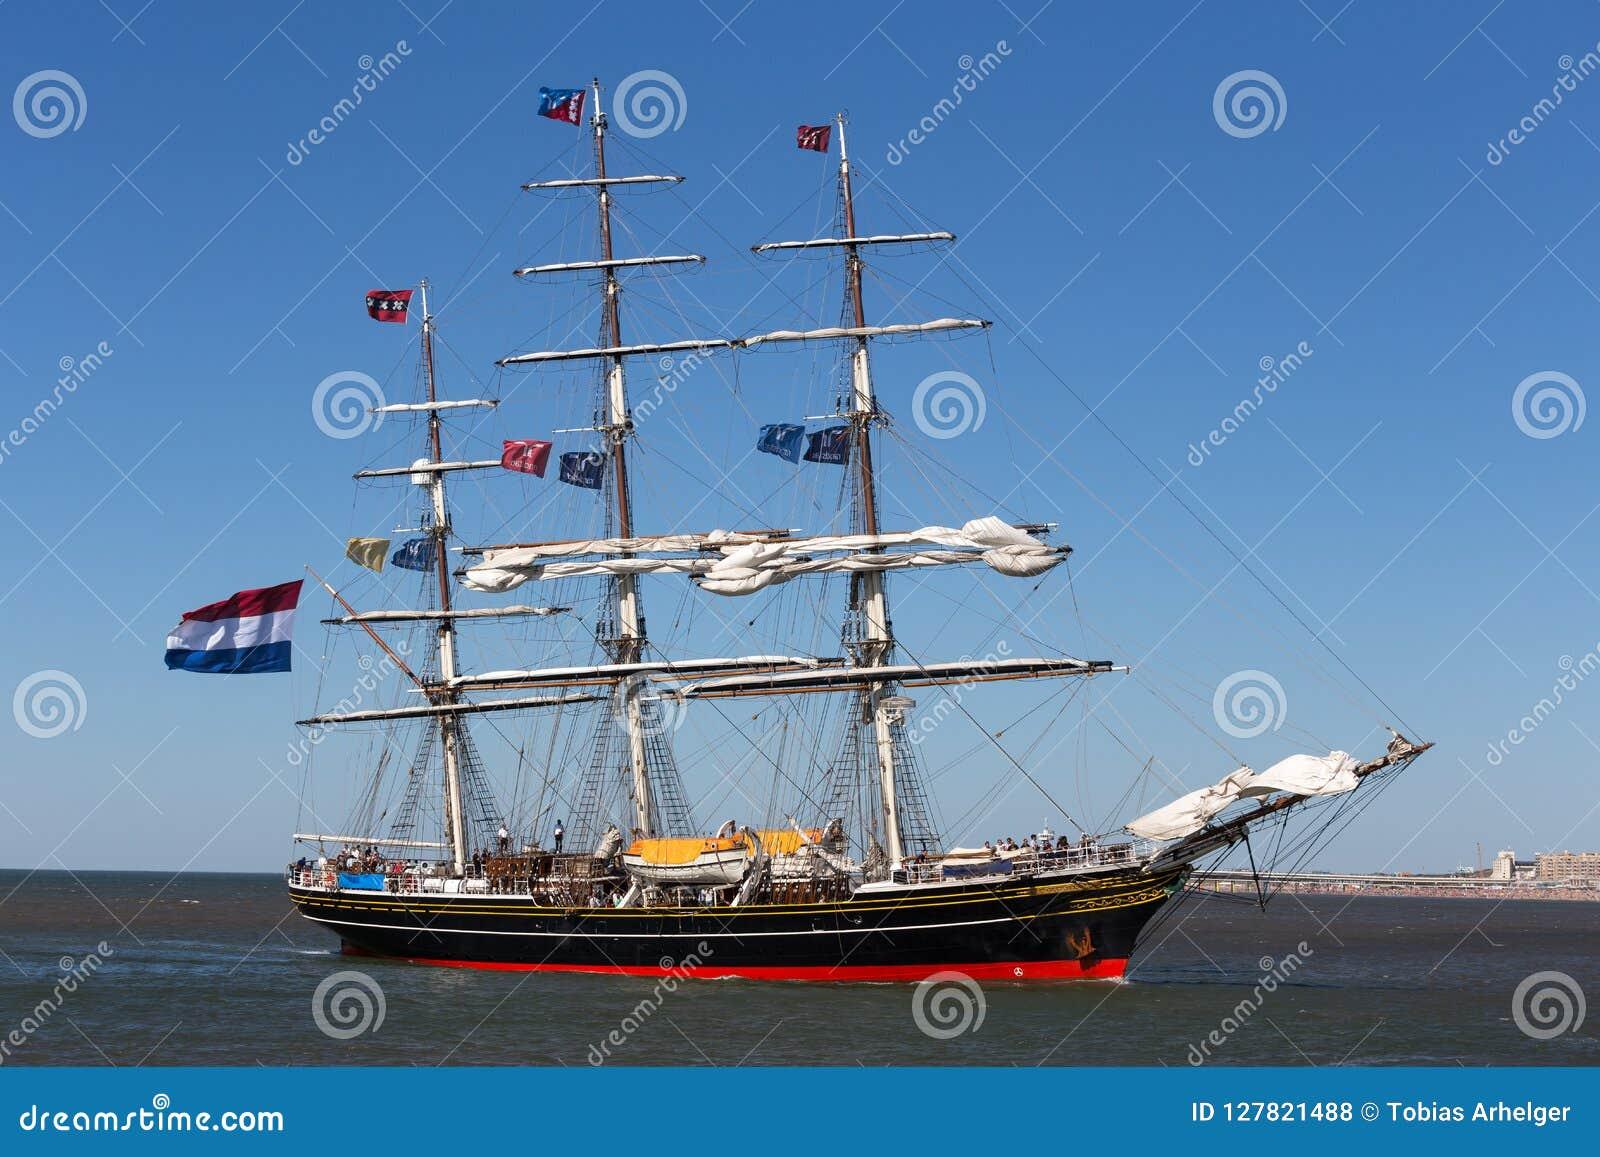 La Haye, la Haye/Hollandes - 01 07 18 : stad Amsterdam de bateau de navigation sur l océan la Haye Hollandes